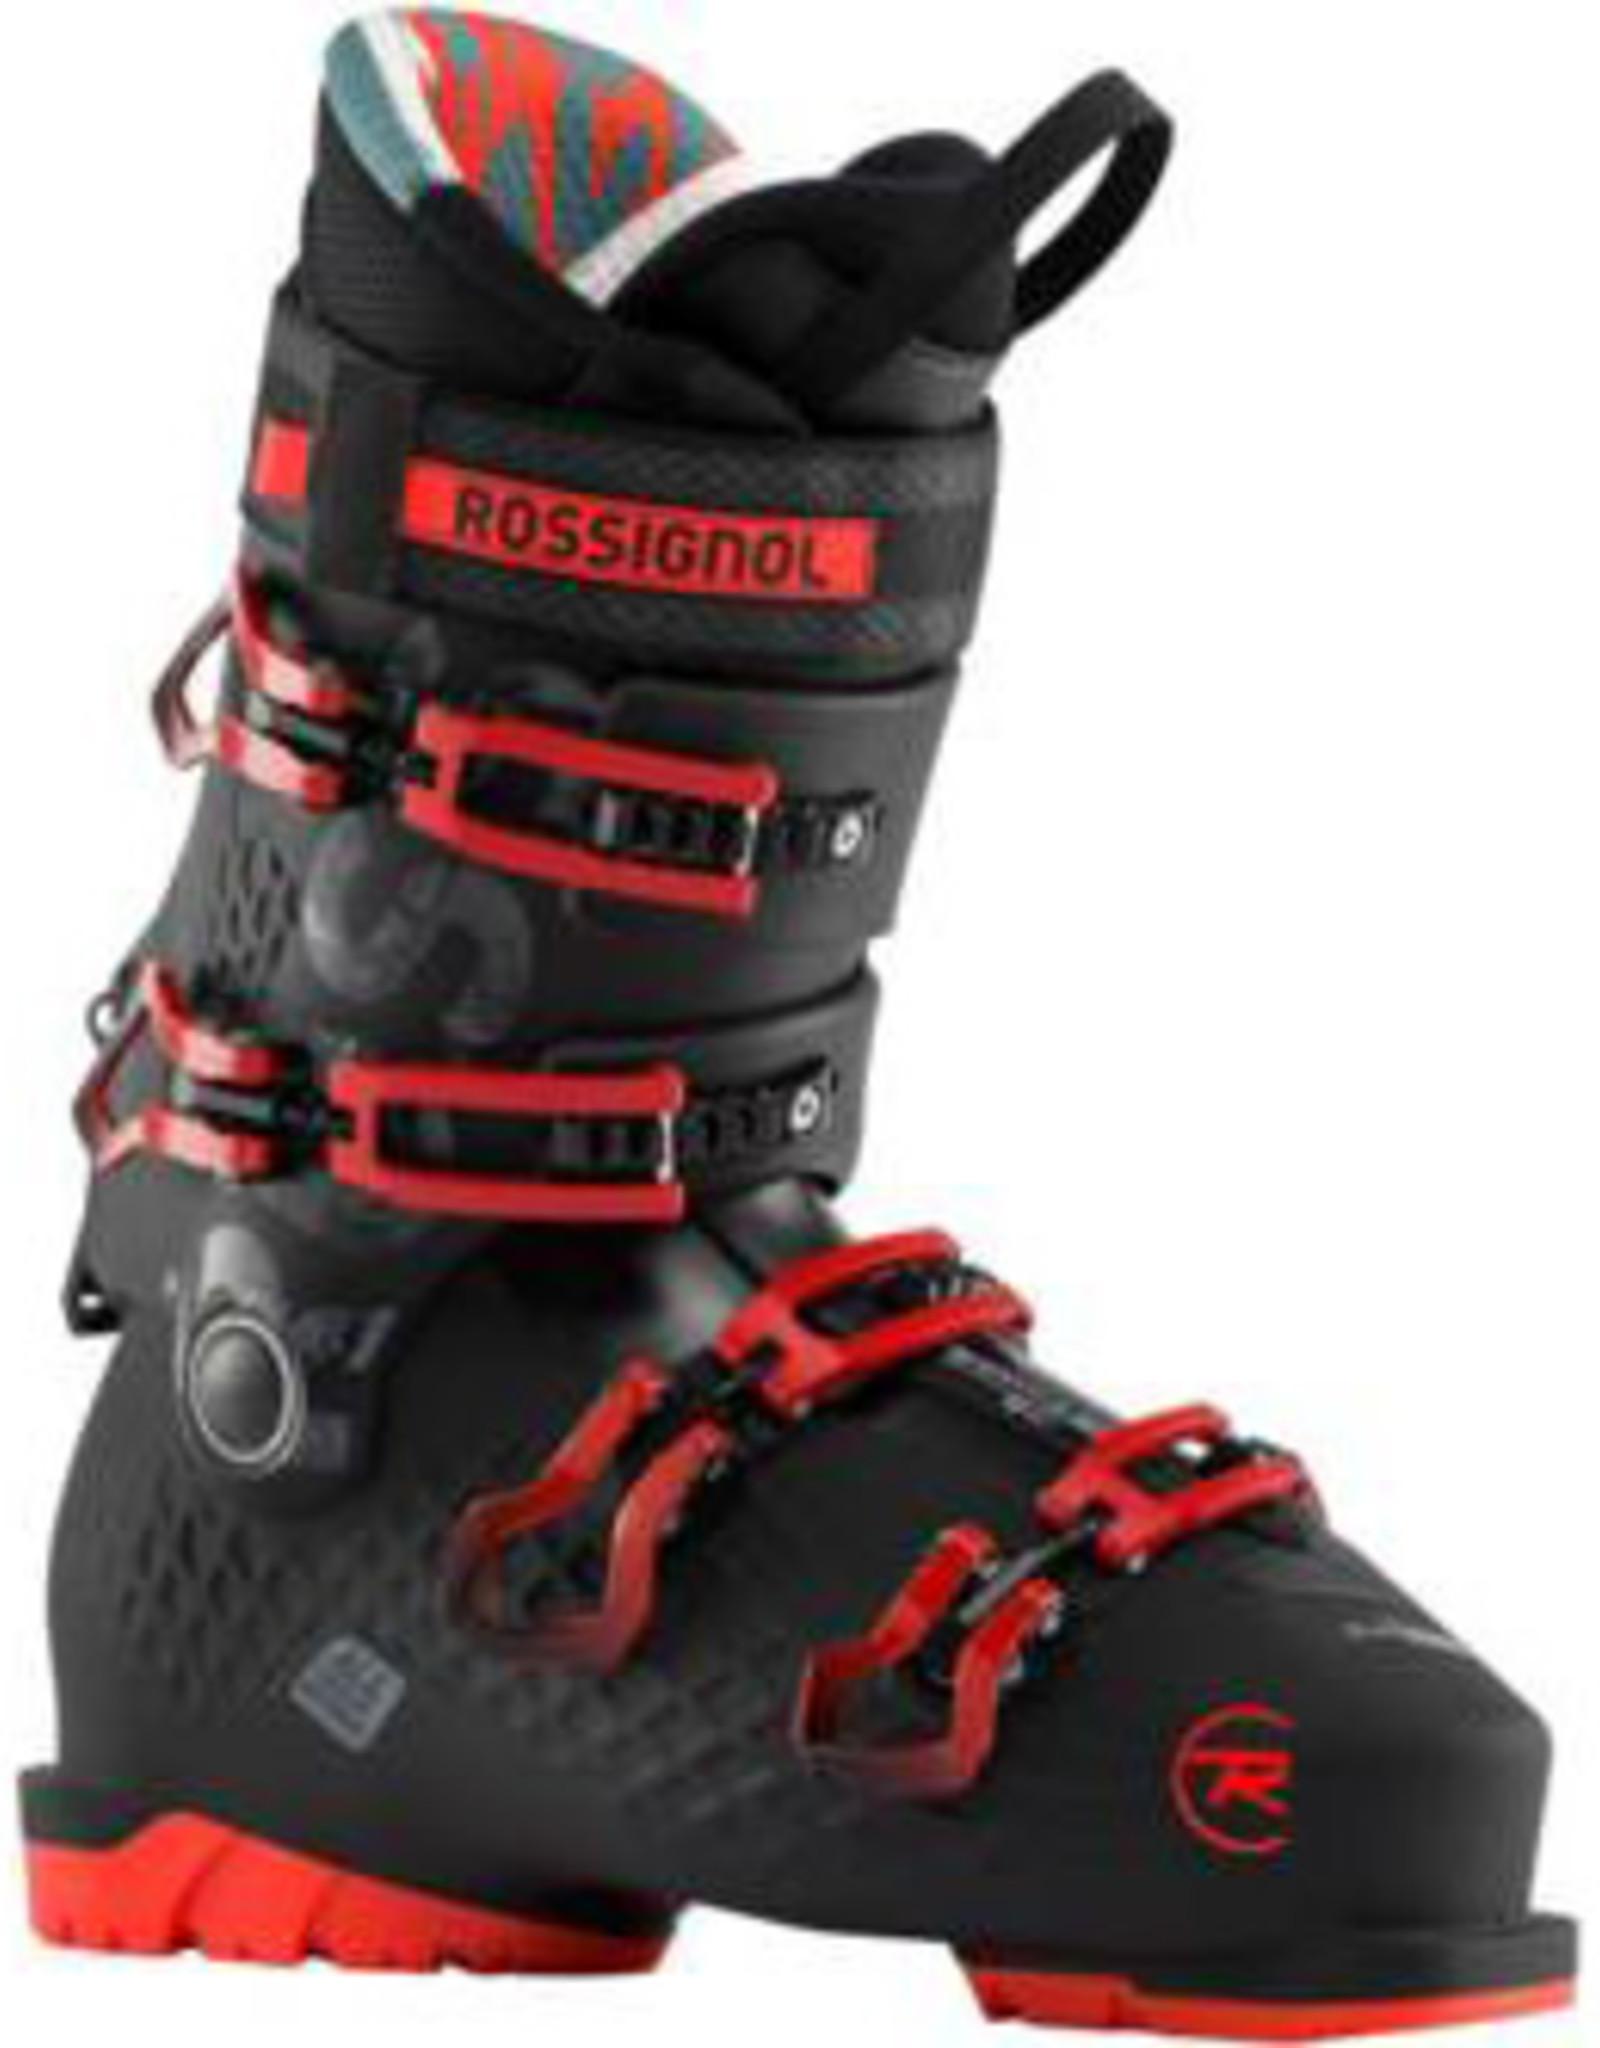 Rossignol ALLTRACK 90 - BLACK/RED 265 MEN